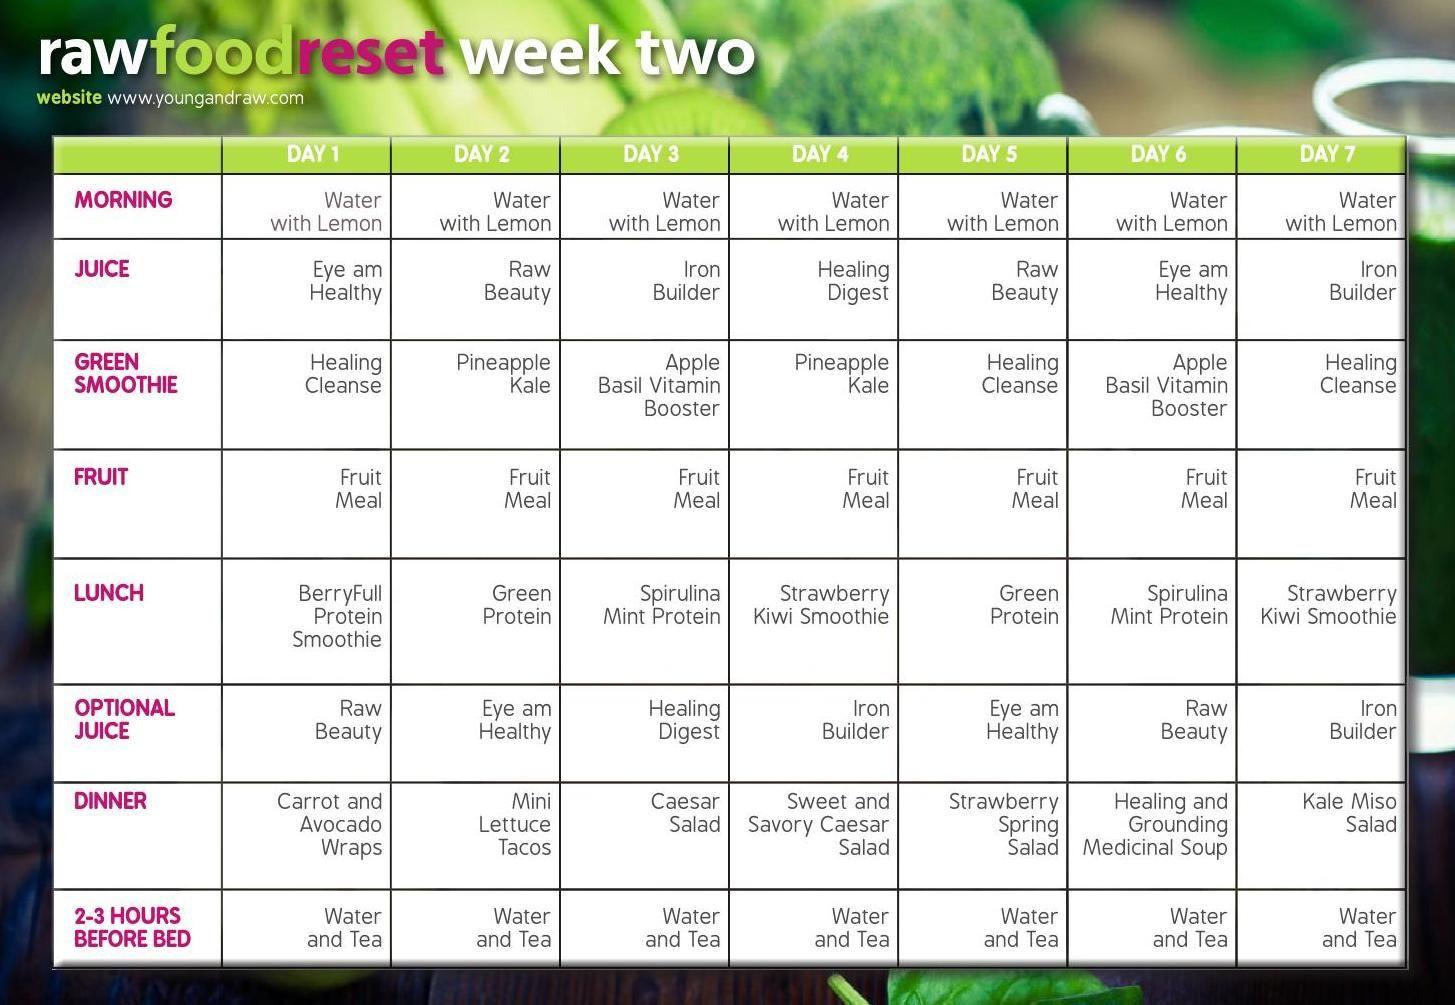 Vegan Diet Plan Weightloss 21 Days  21 Day Vegan Cleanse Weight Loss WeightLossLook